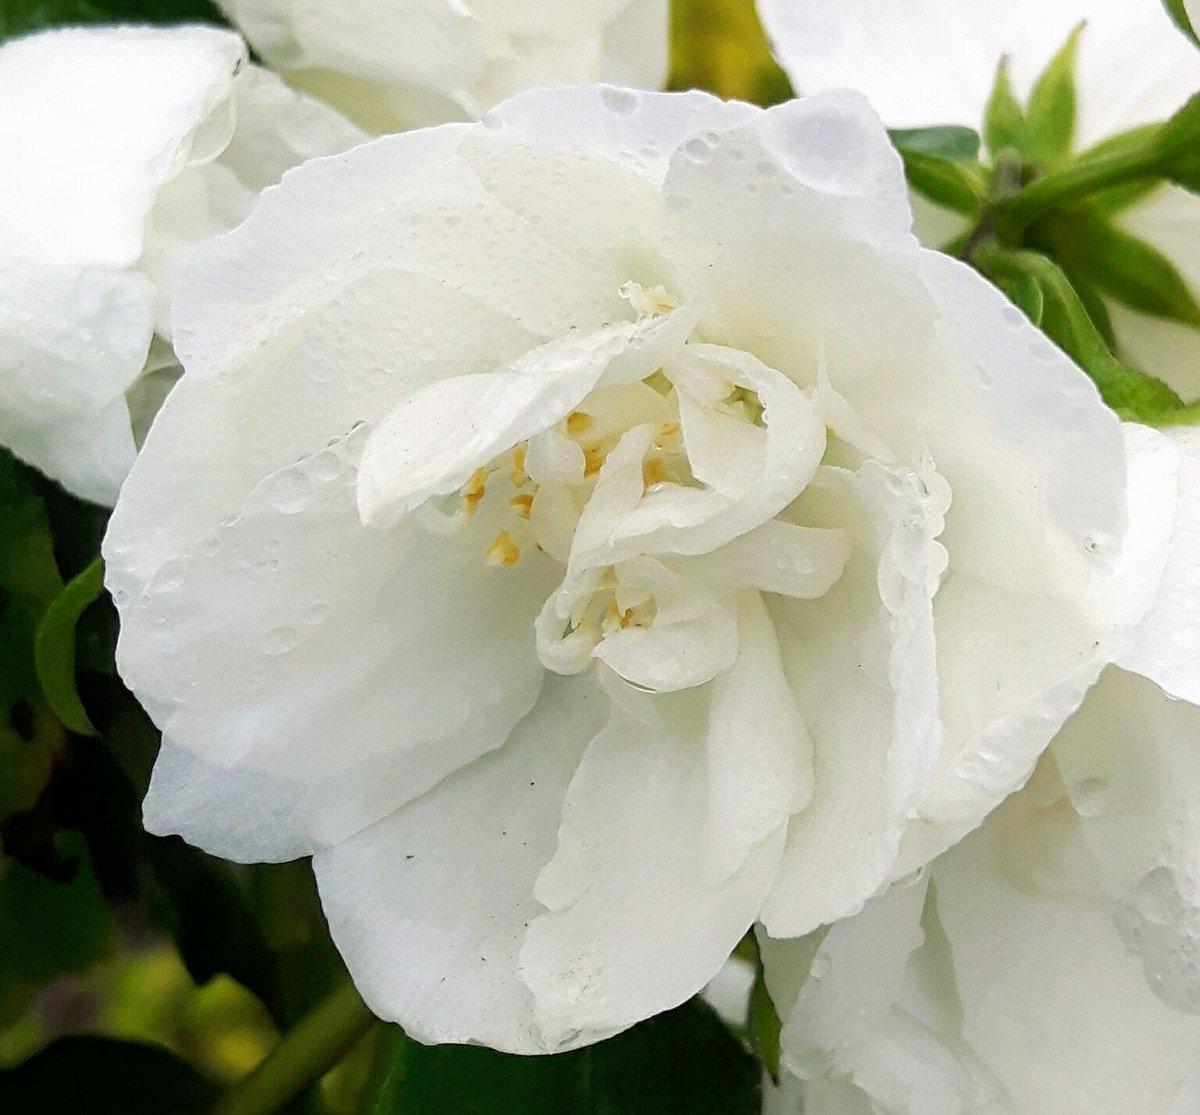 Jajones Cash Carry On Twitter Summer Flowering Shrubs Here